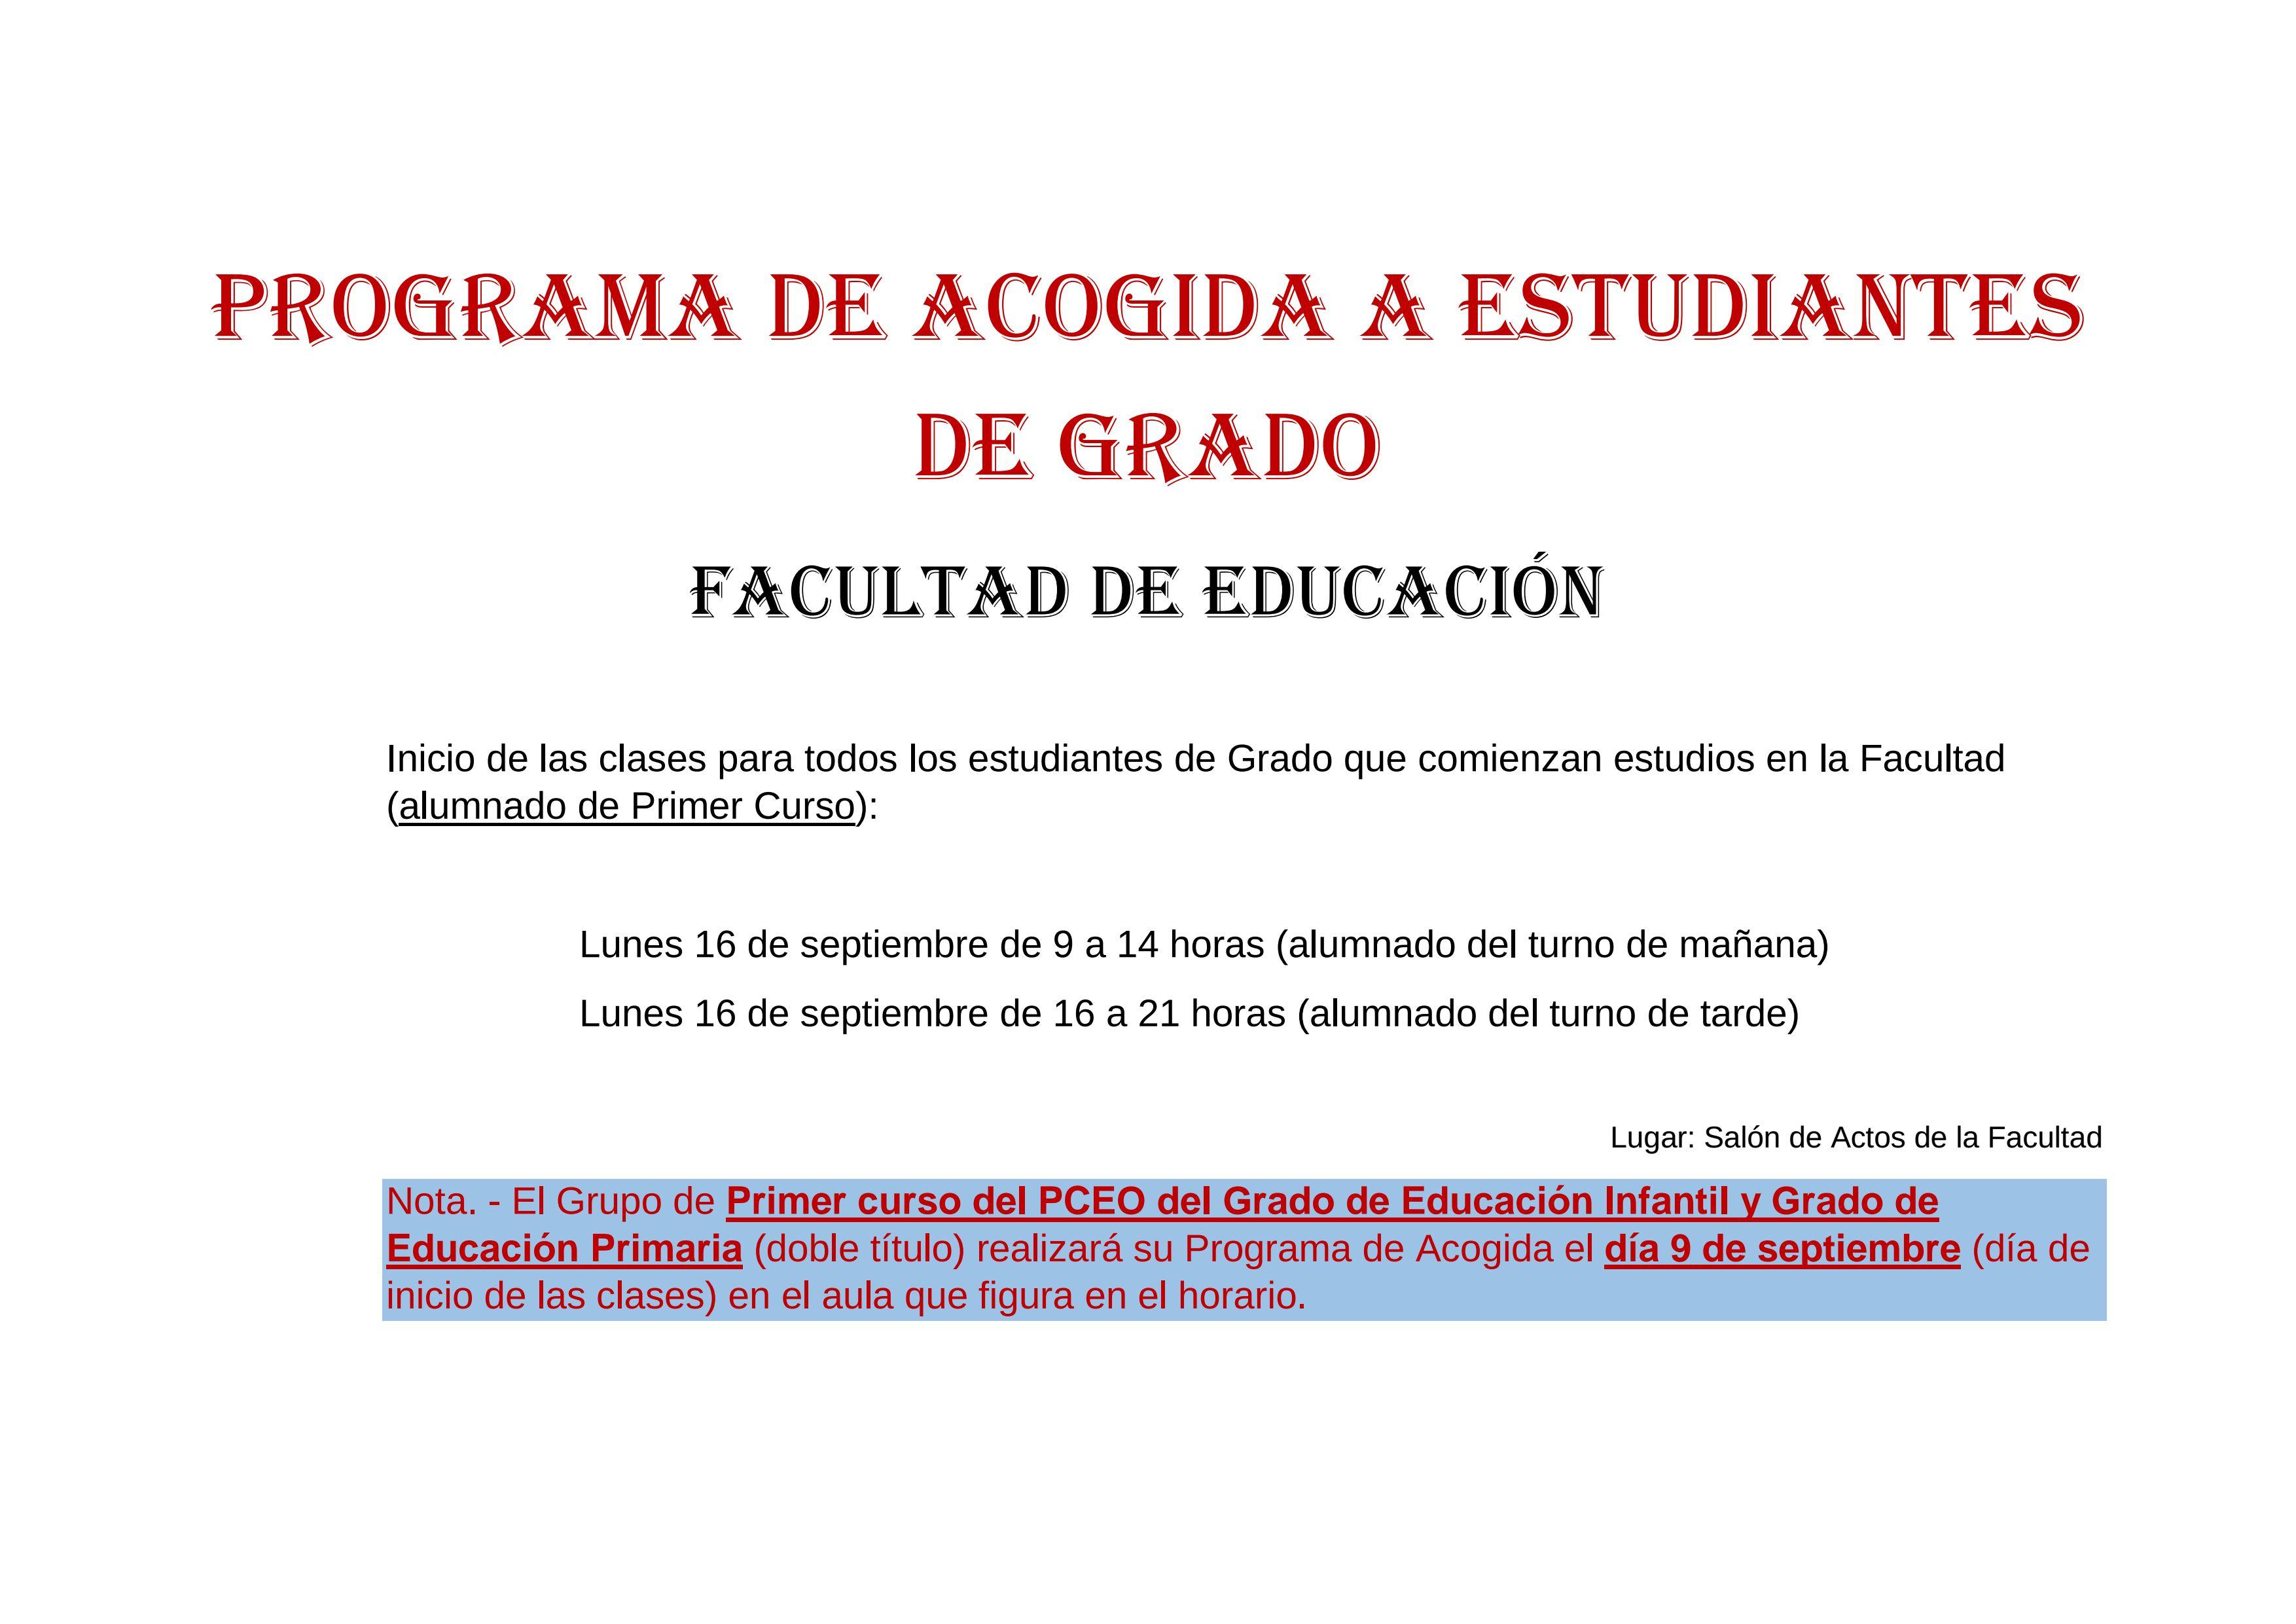 Calendario 2019 Y 2020 Con Festivos Para Colombia.Presentacion Facultad De Educacion Universidad De Murcia